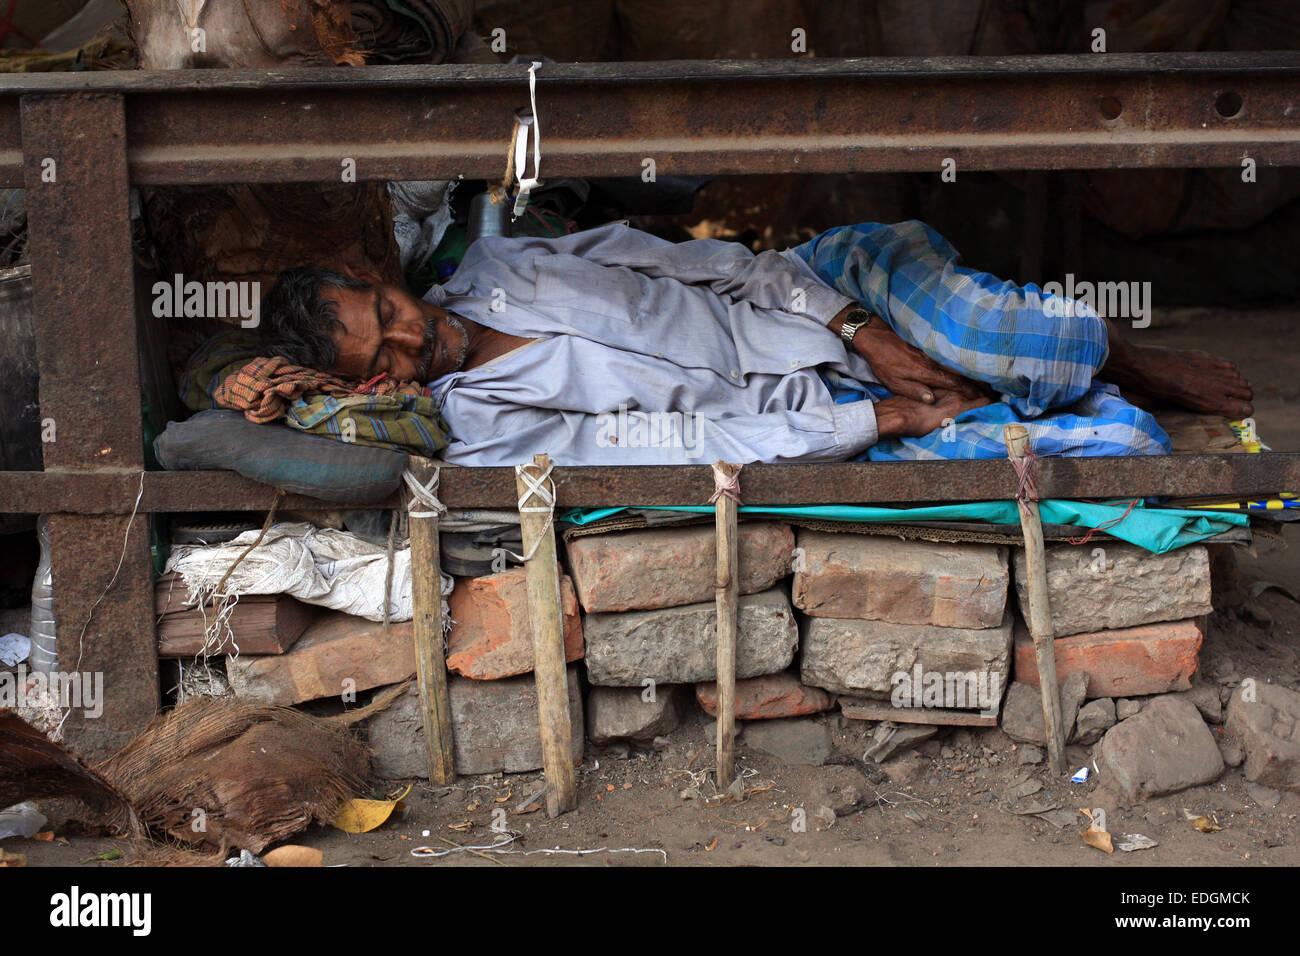 Homeless Indian man asleep beside the street in a ...